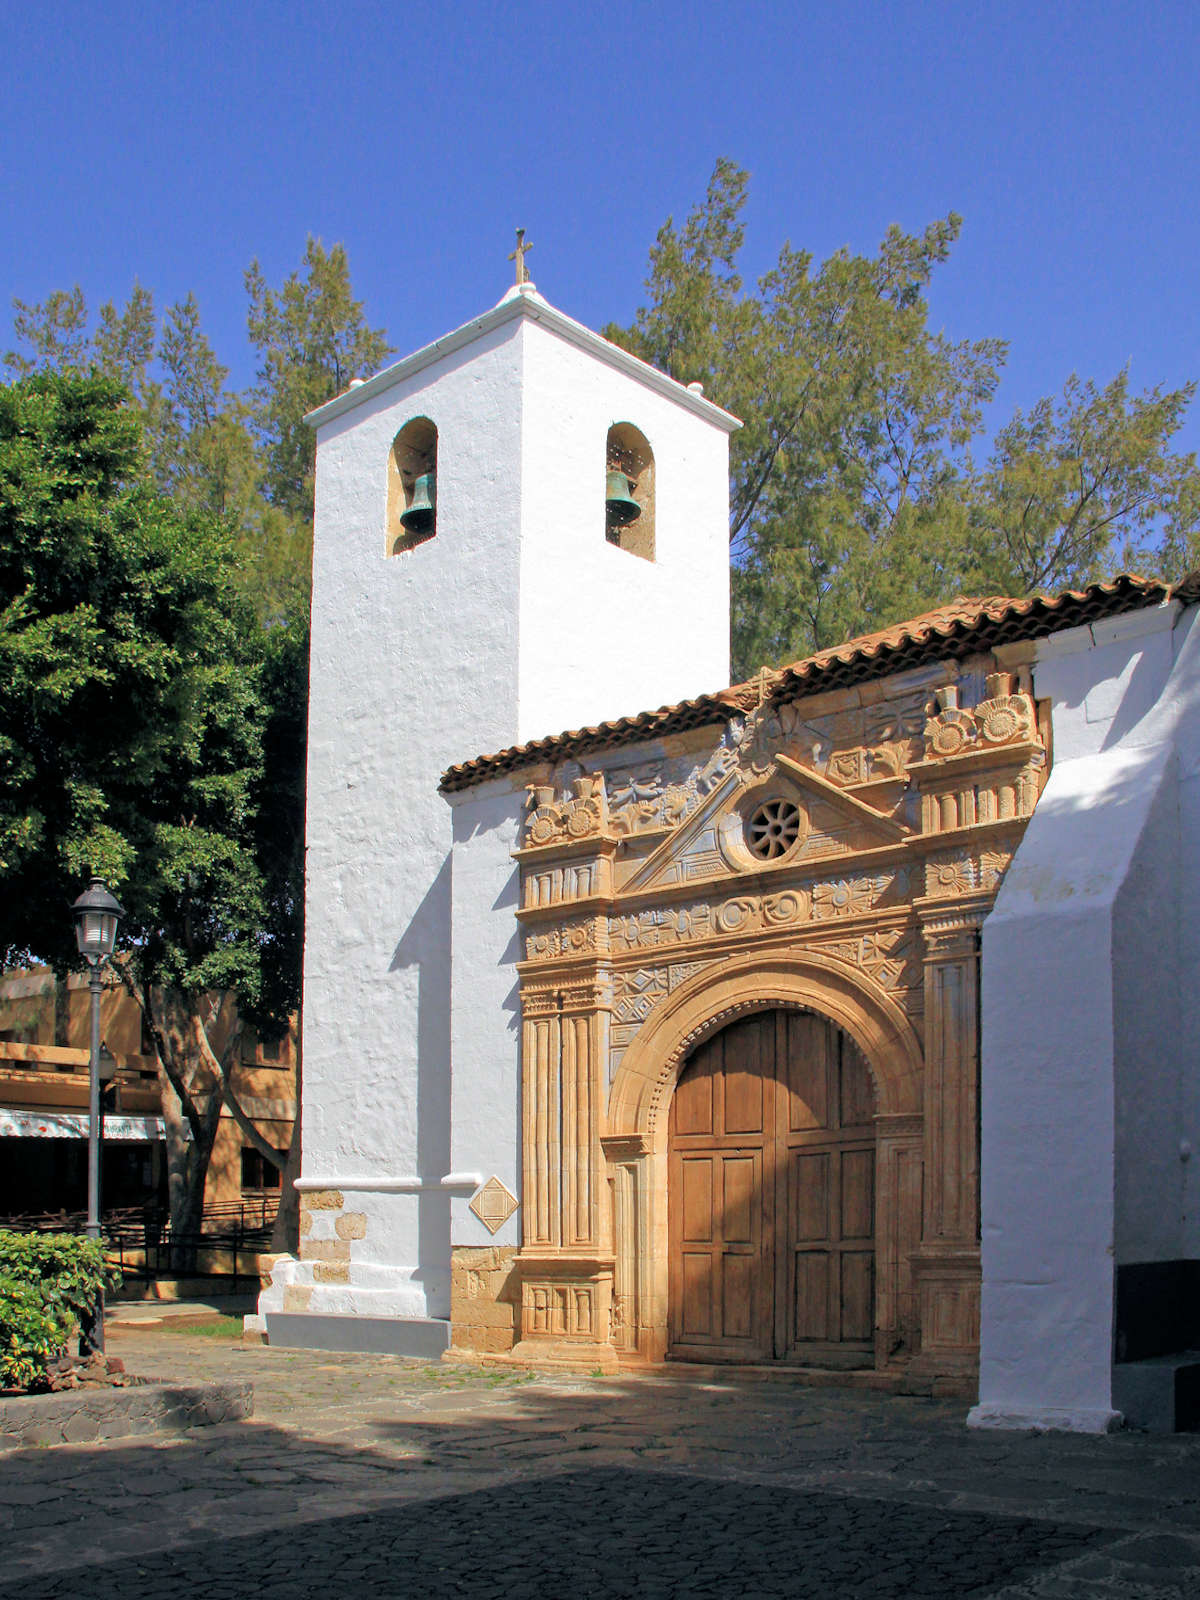 Iglesia-de-Nuestra-Señora-de-Regla-Pájara-Fuerteventura